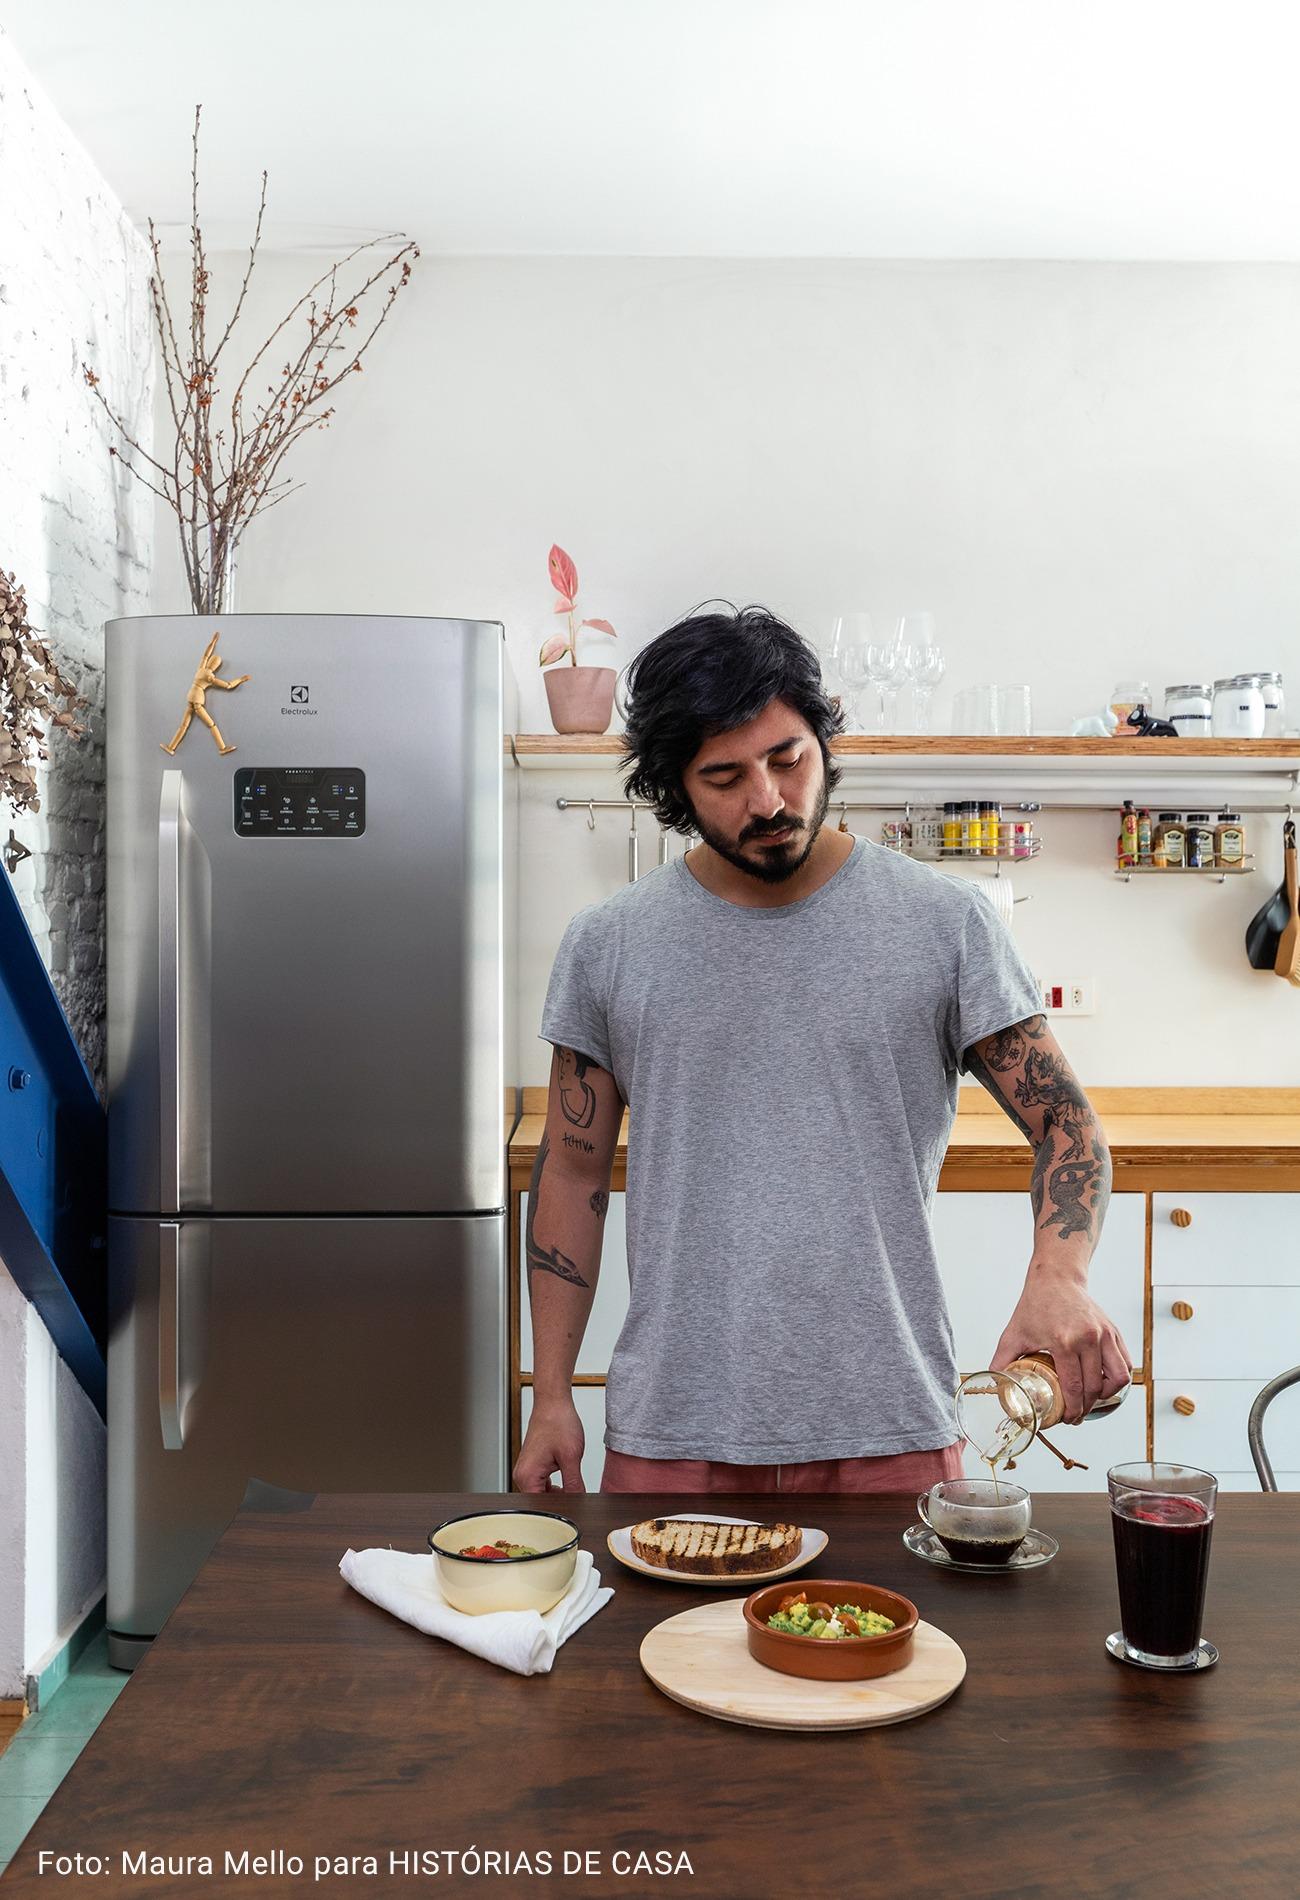 morador cozinhando em cozinha americana